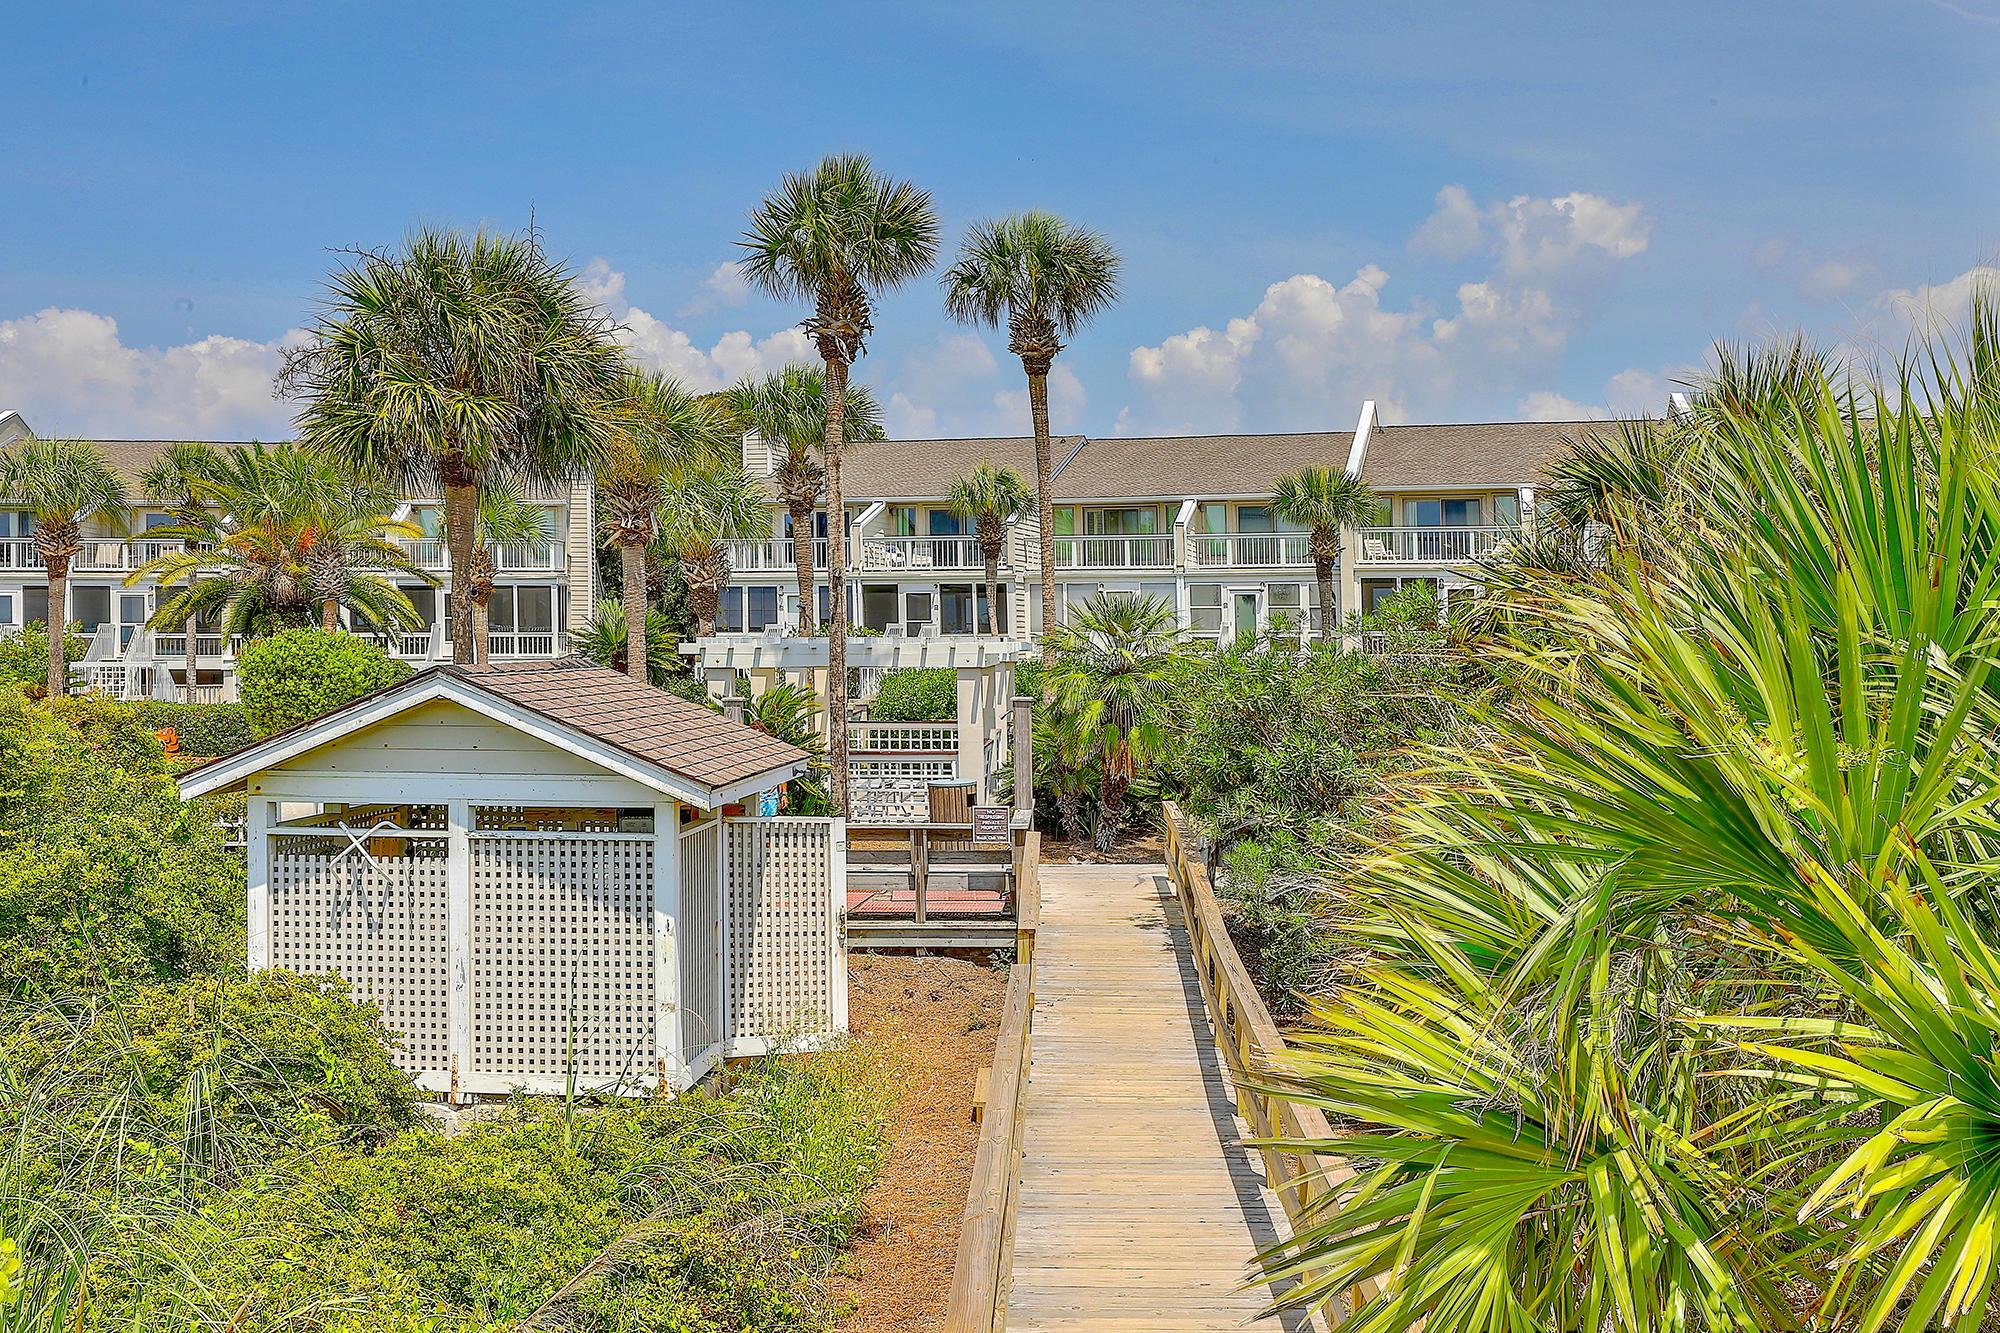 Beach Club Villas Homes For Sale - 15 Beach Club Villas, Isle of Palms, SC - 35